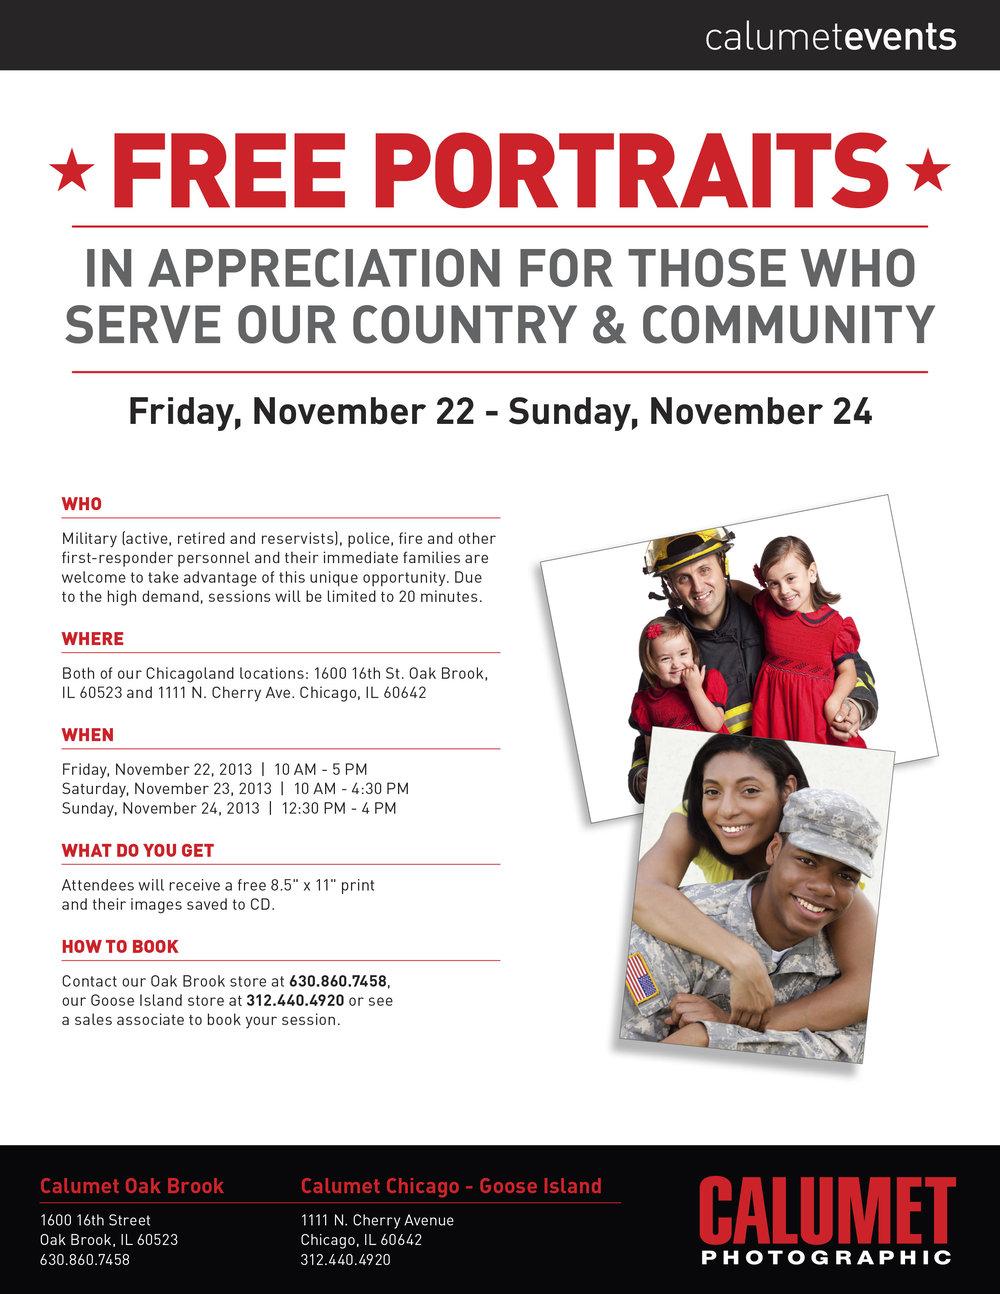 130920-Portraits-Patriots-85x11.jpg